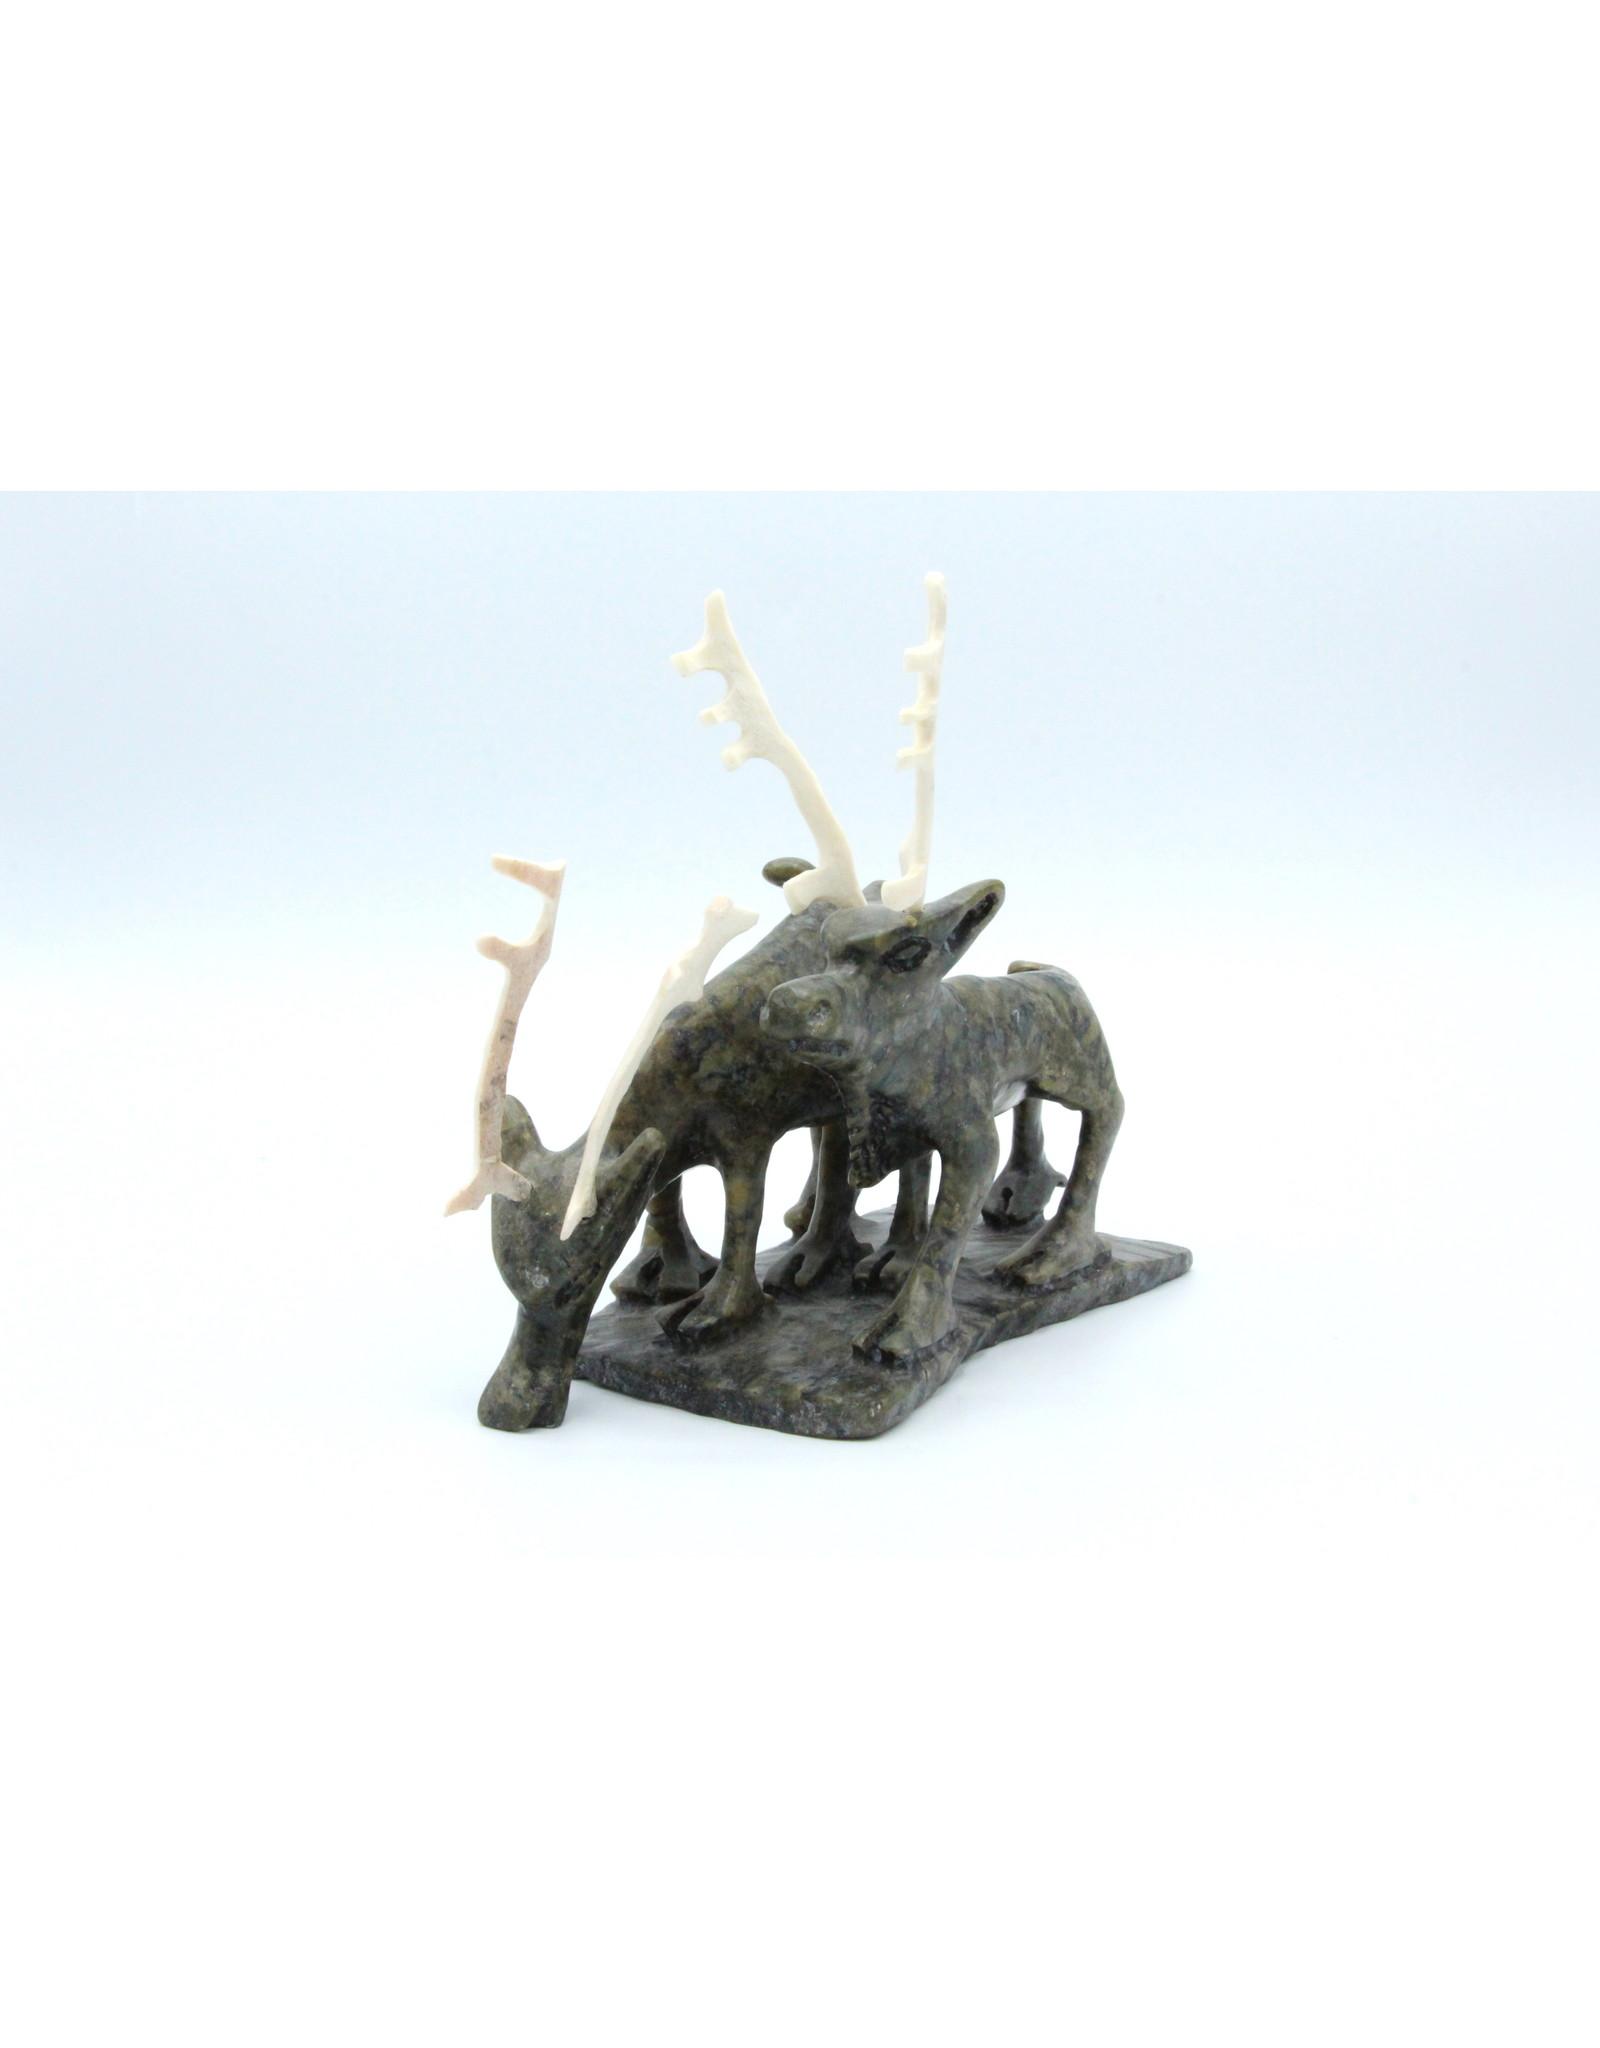 58089 Caribou by Pavara